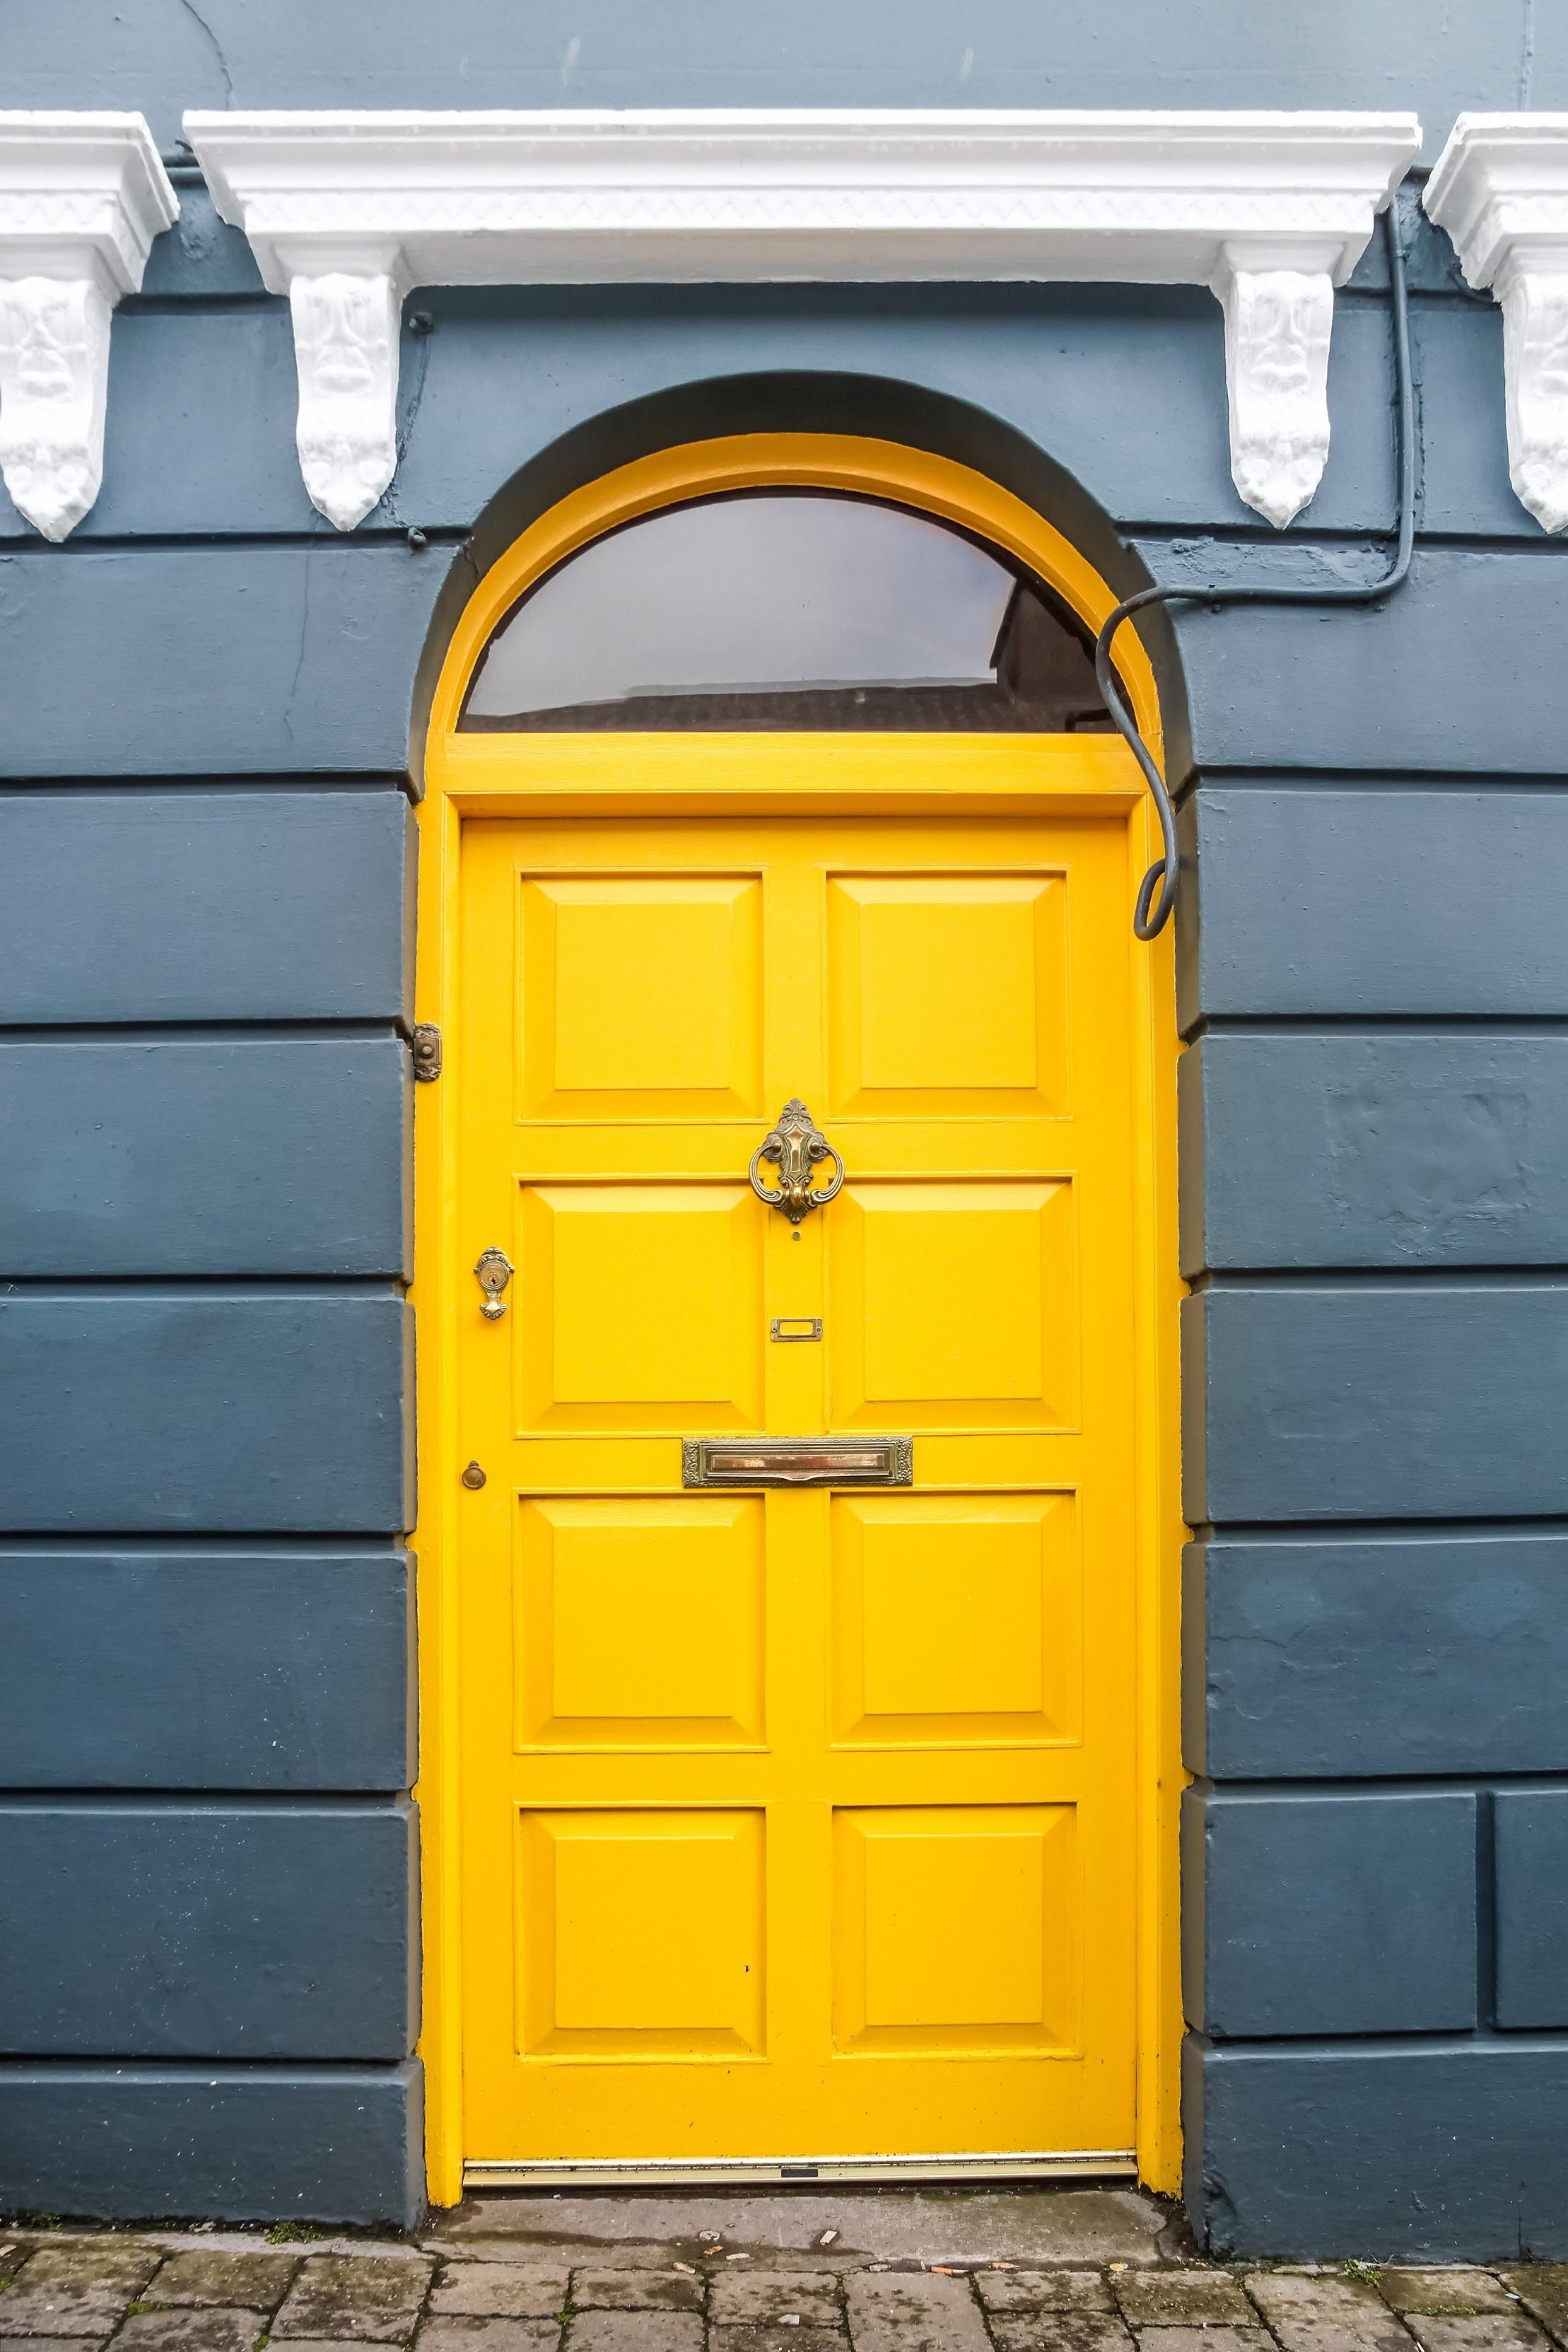 Yellow door on blue house in Ireland